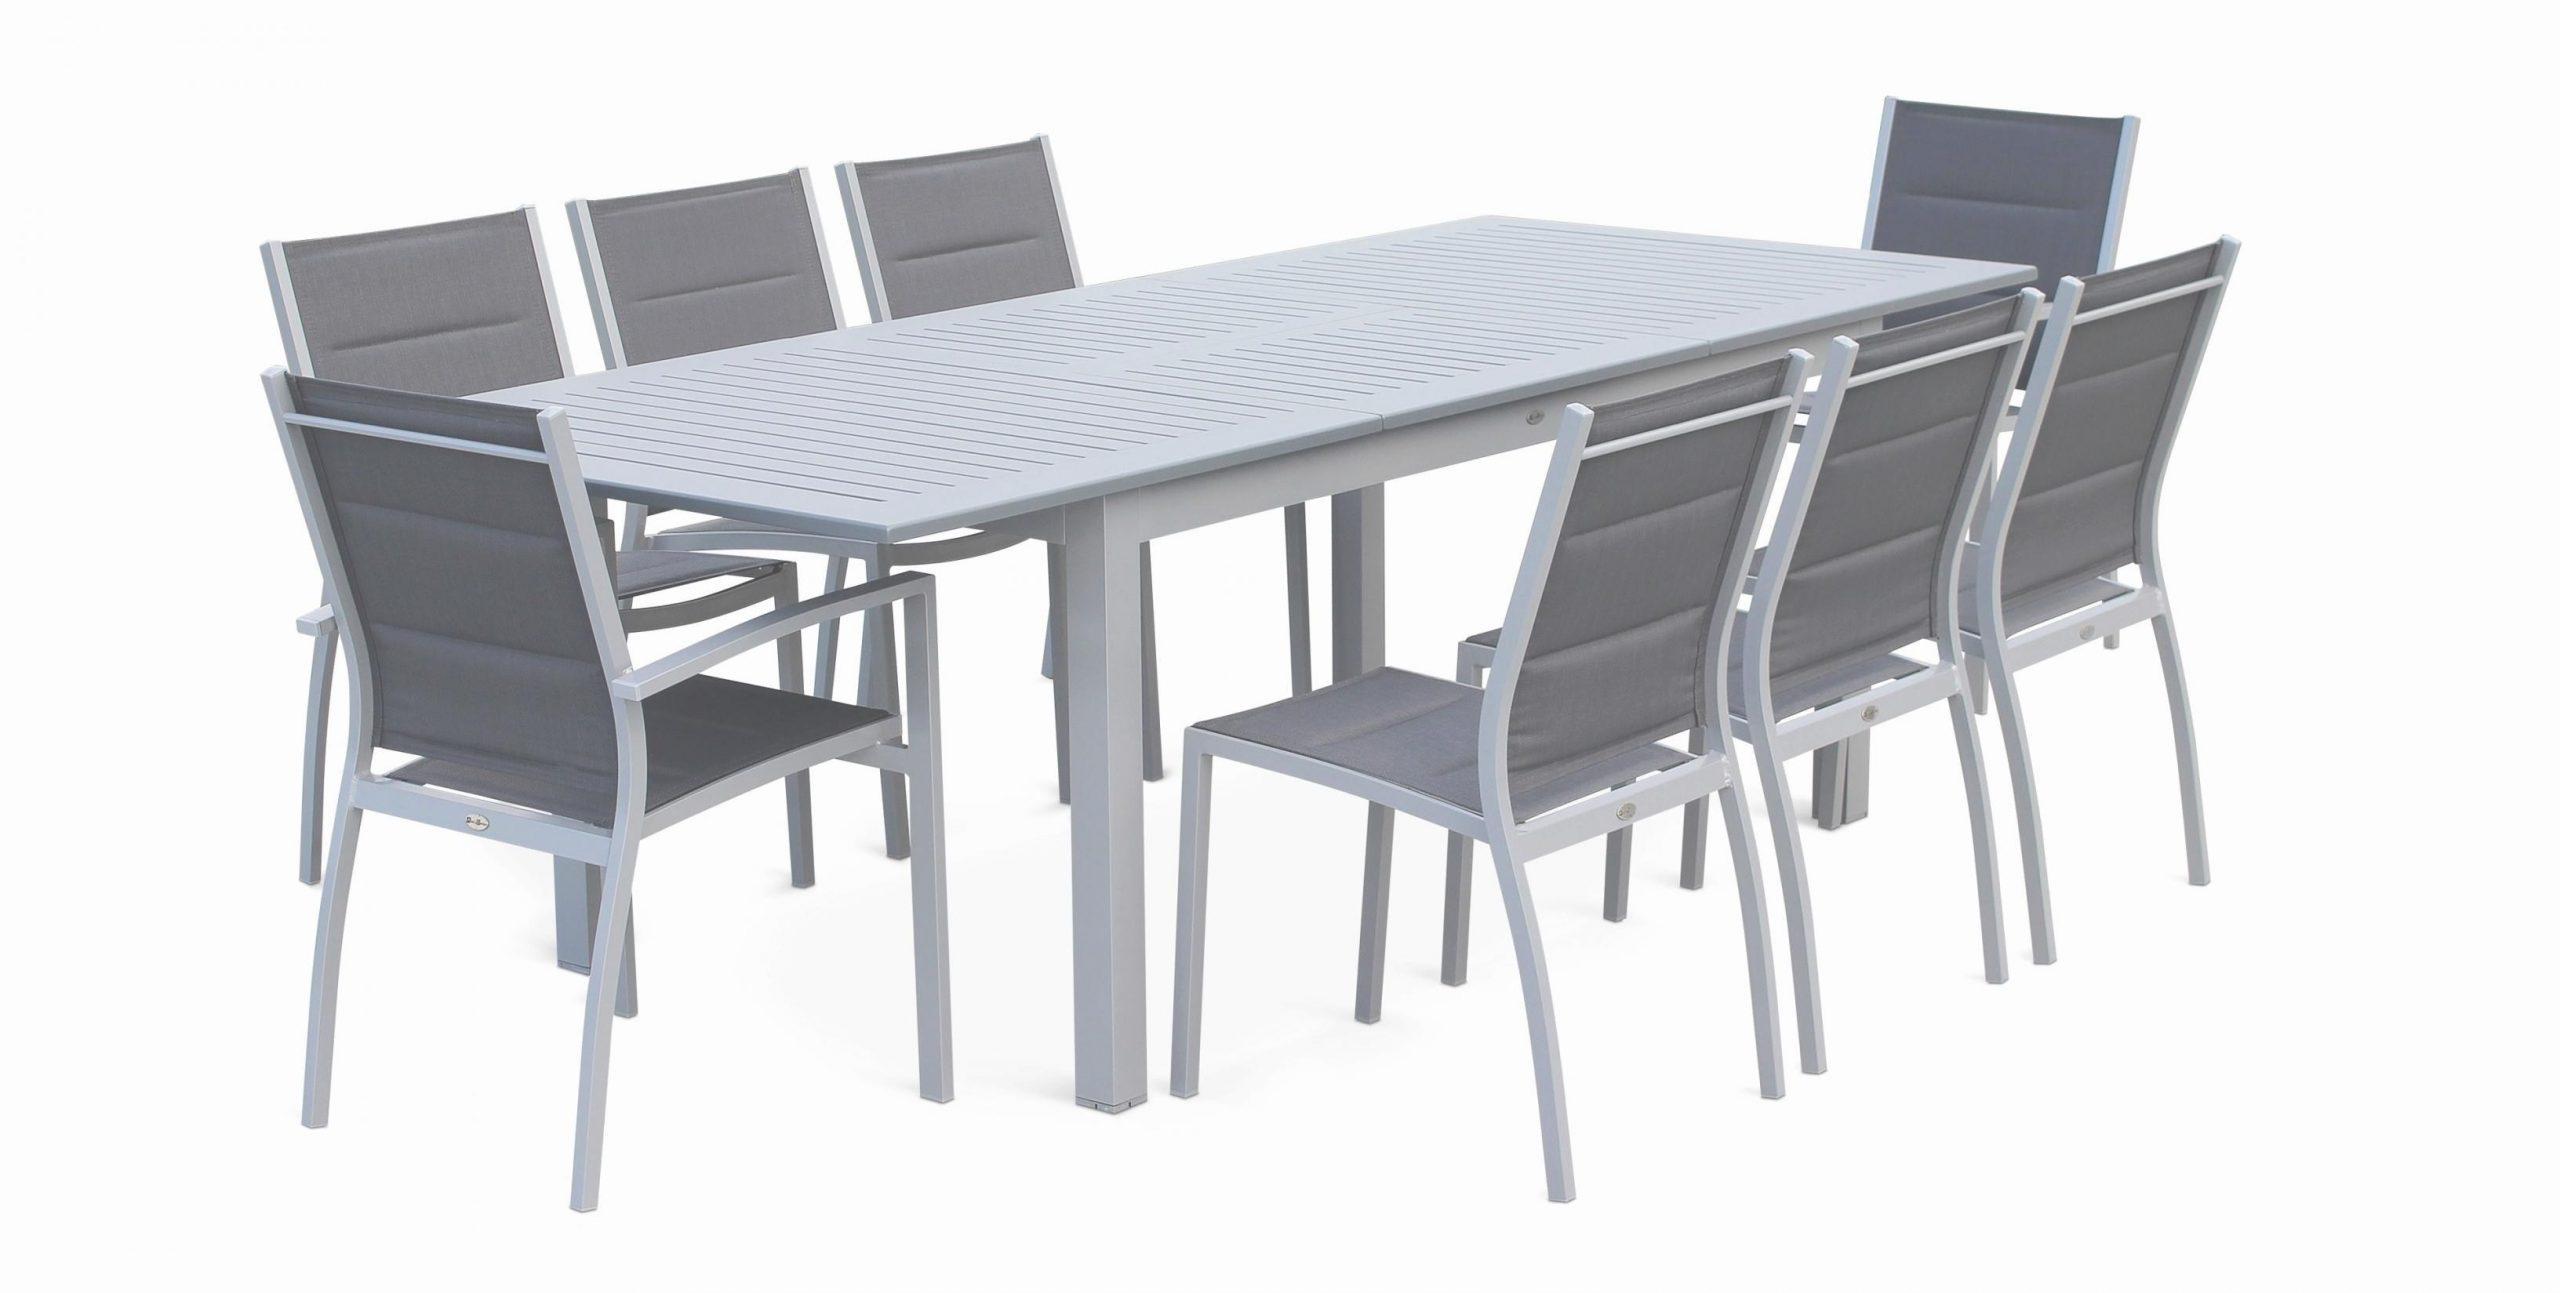 Table De Camping Auchan Affordable Chaise Longue Fauteuil ... tout Auchan Chaise De Jardin